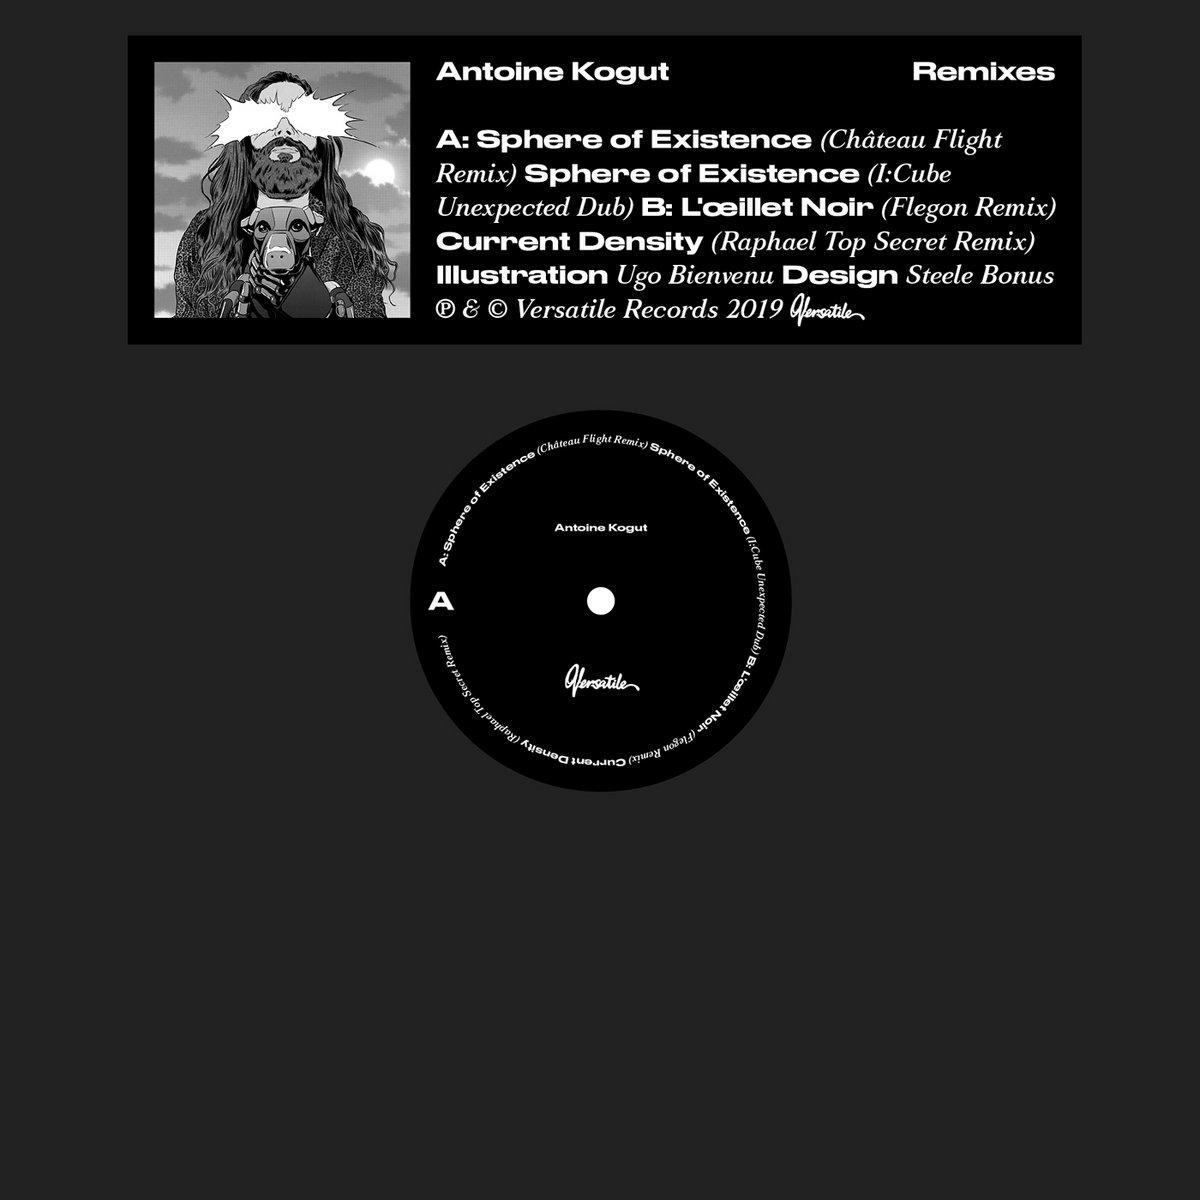 Current Density (Raphaël Top-Secret Remix)   Versatile Records